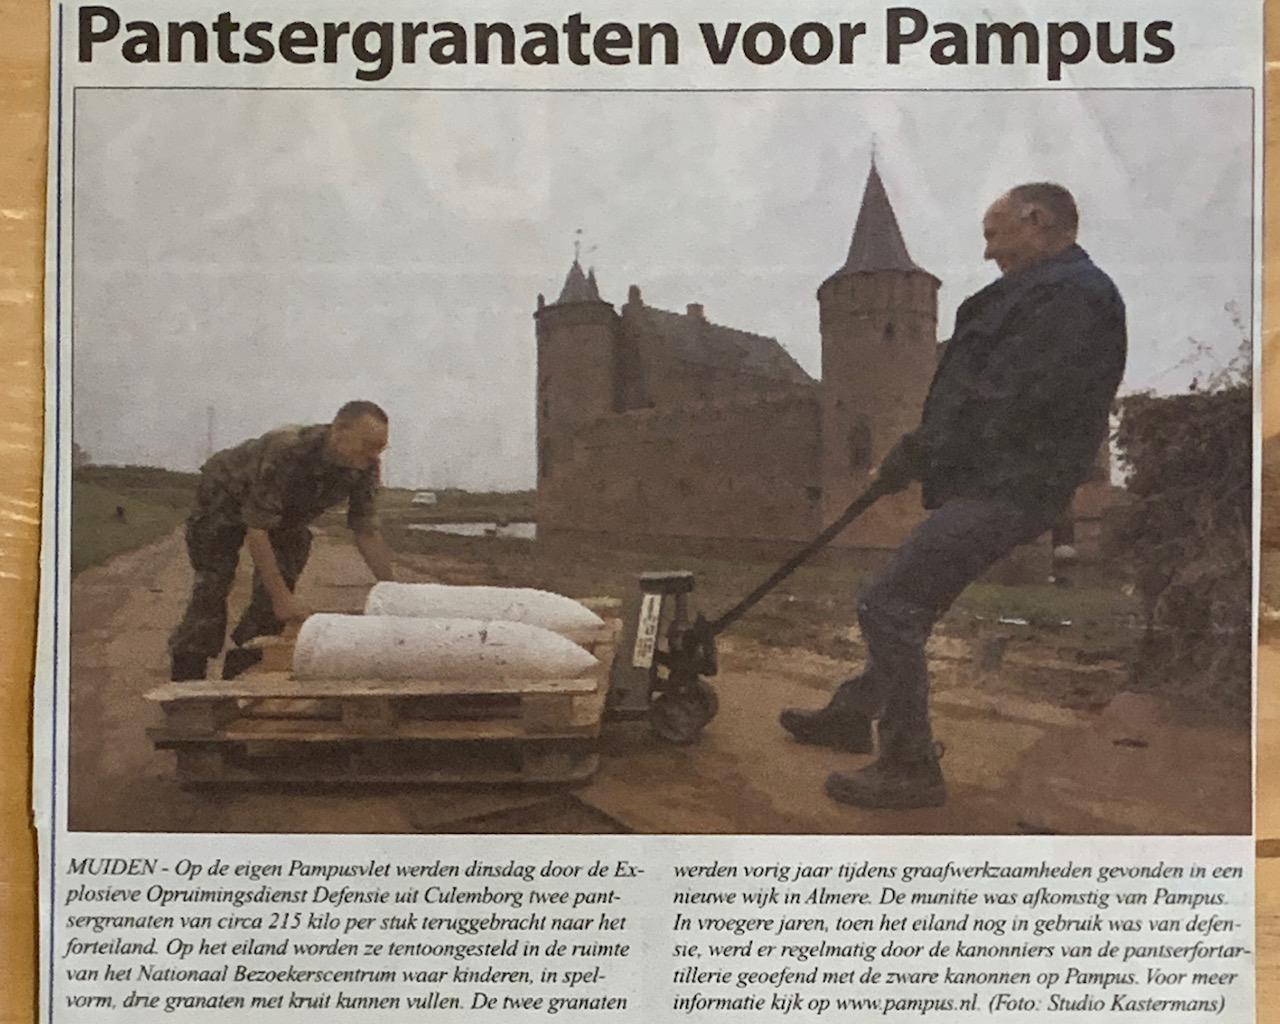 pantsergranaten voor Forteiland Pampus met twee mannen die een pallet sjouwen waarop twee grote, witte pantsergranaten liggen. Op de achtergrond zie je het Muiderslot liggen.